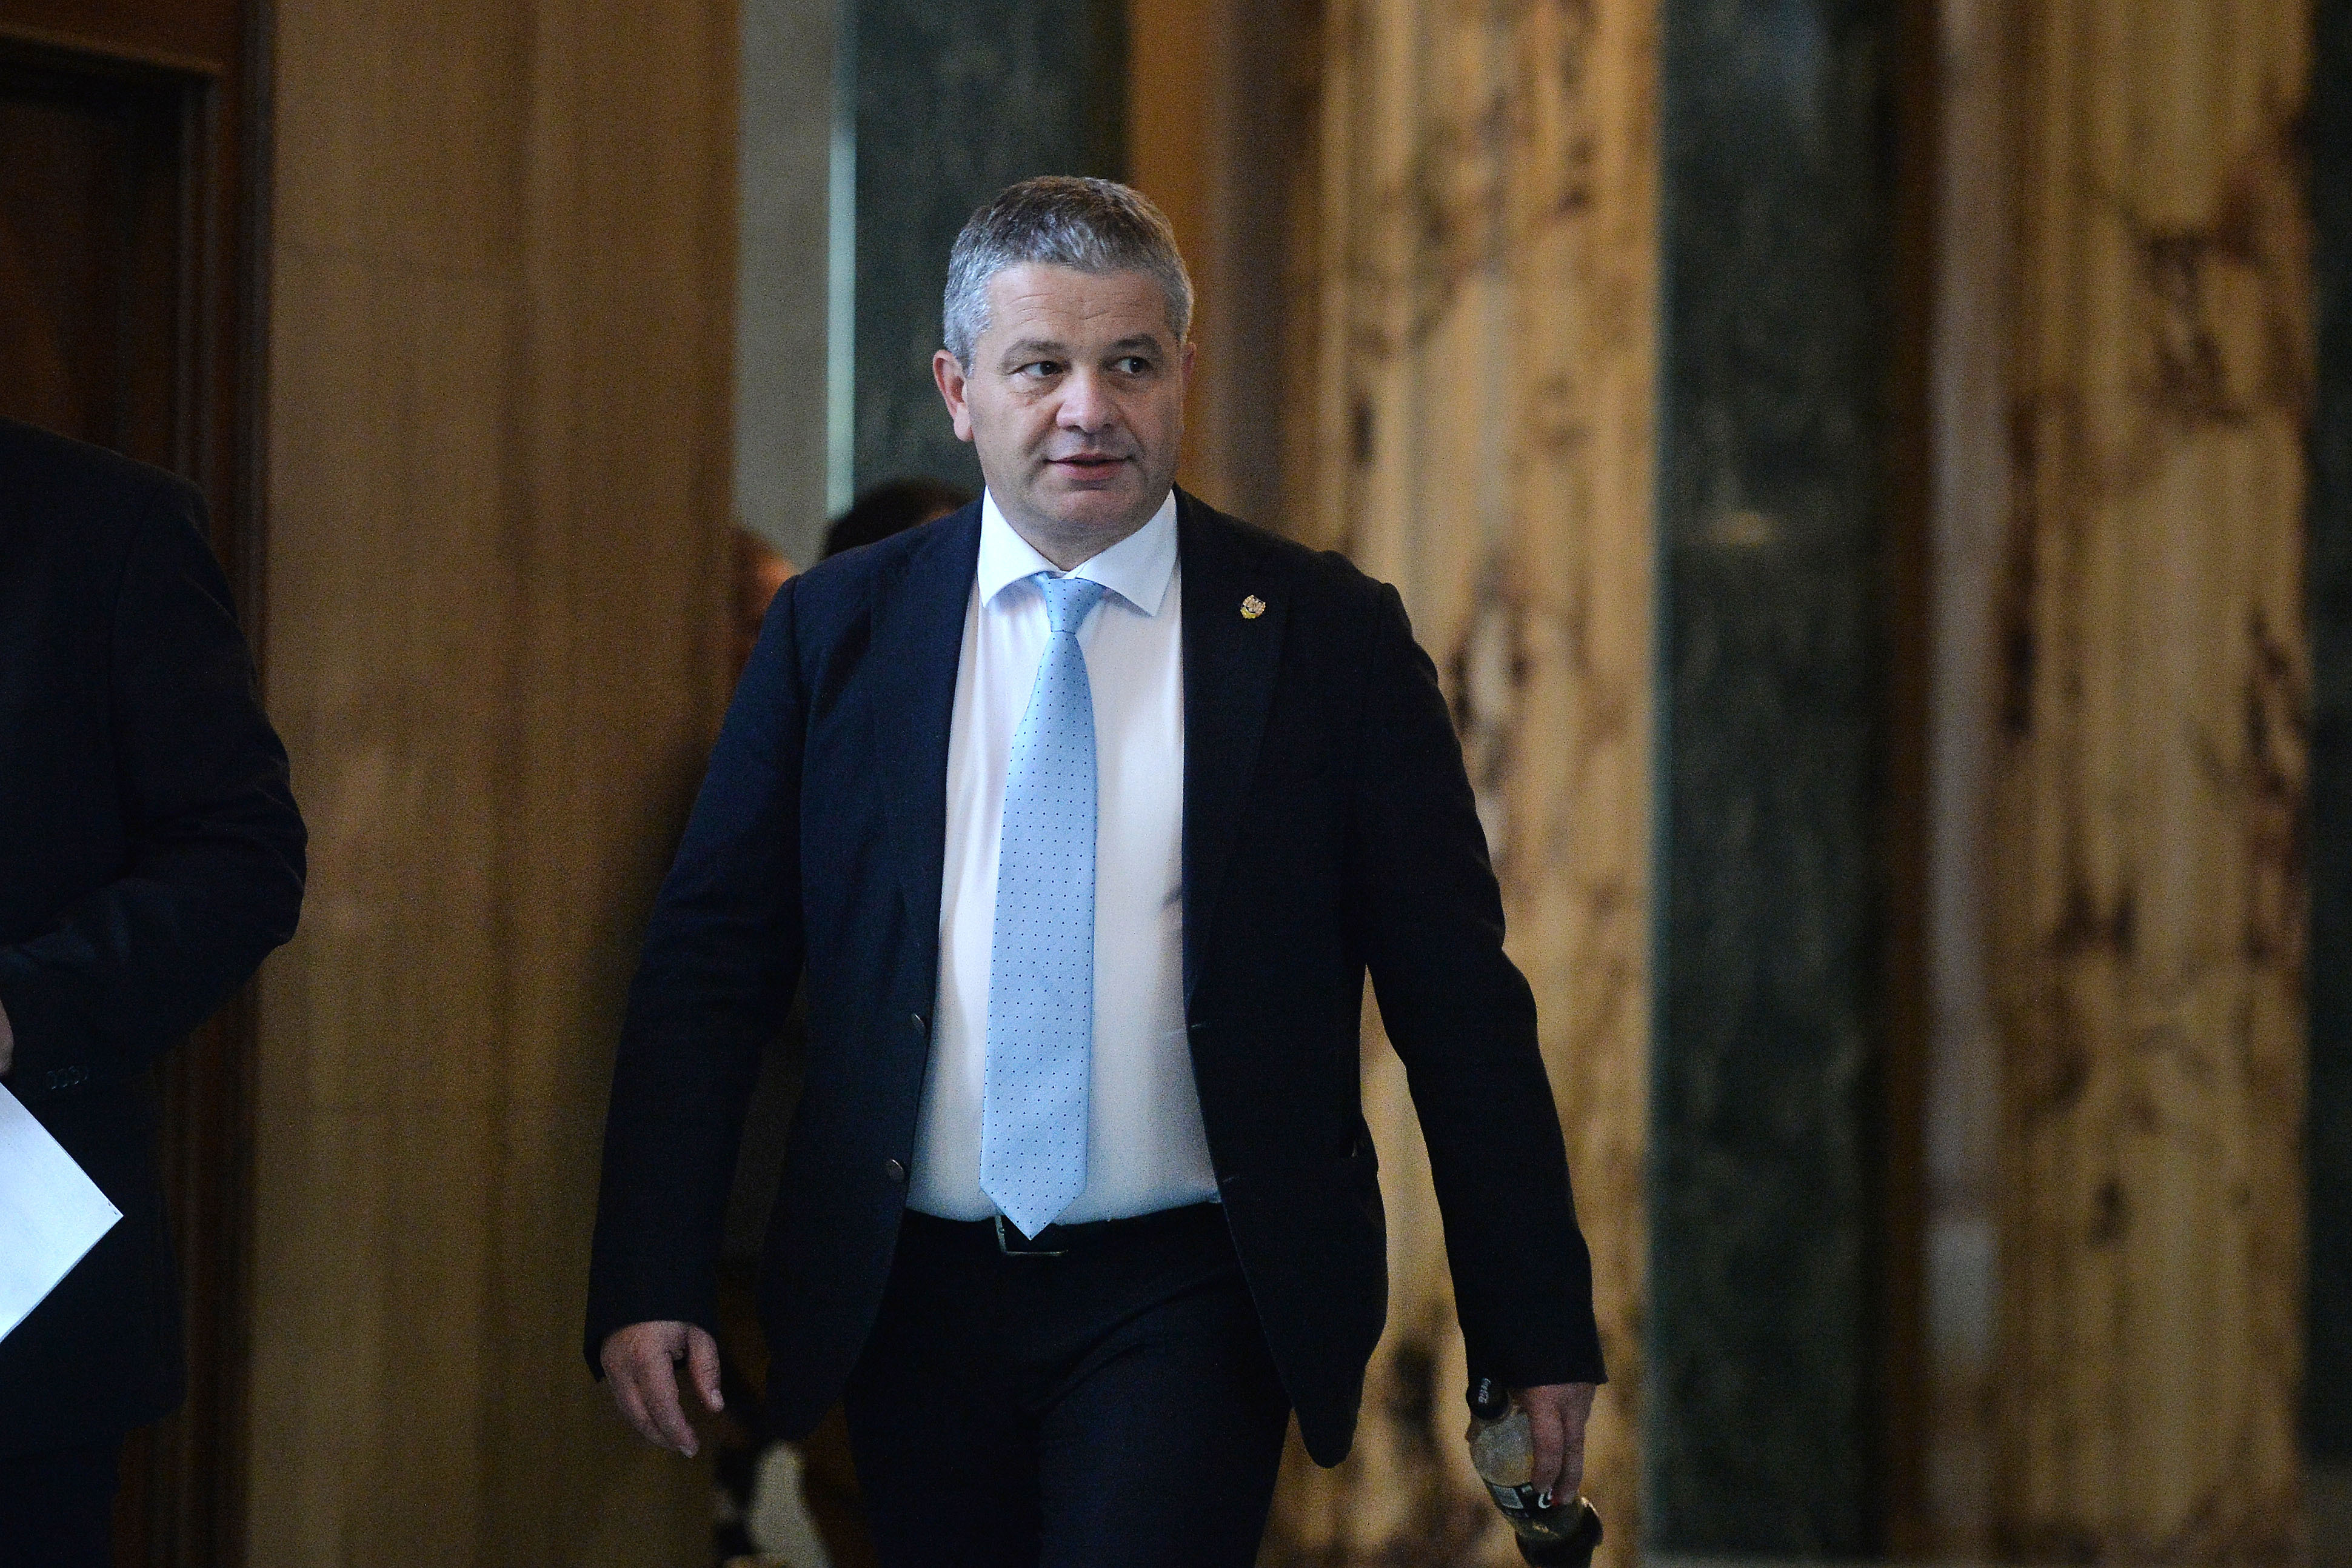 Ministrul Florian Bodog, despre acuzaţiile lui Ungureanu la adresa sa: Sunt afirmaţii absolut nereale. Bate câmpii